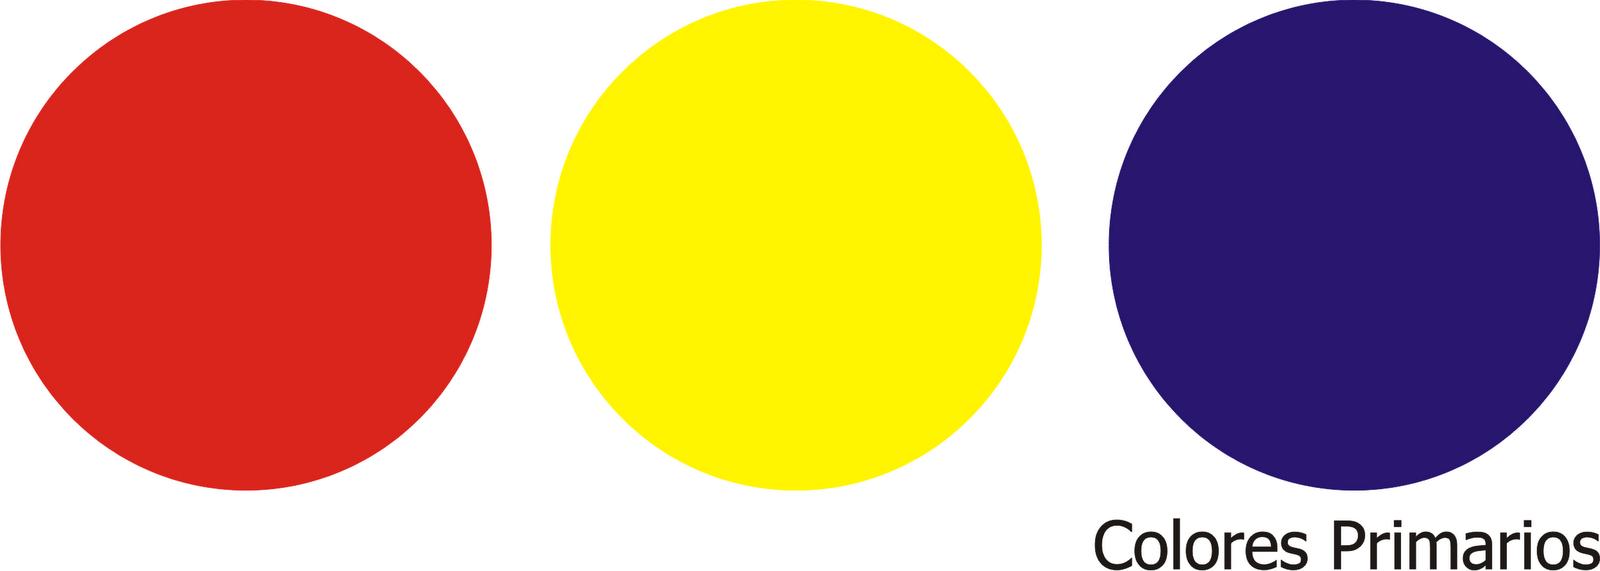 Fotoexpresion clasificaci n de los colores for De colores de colores